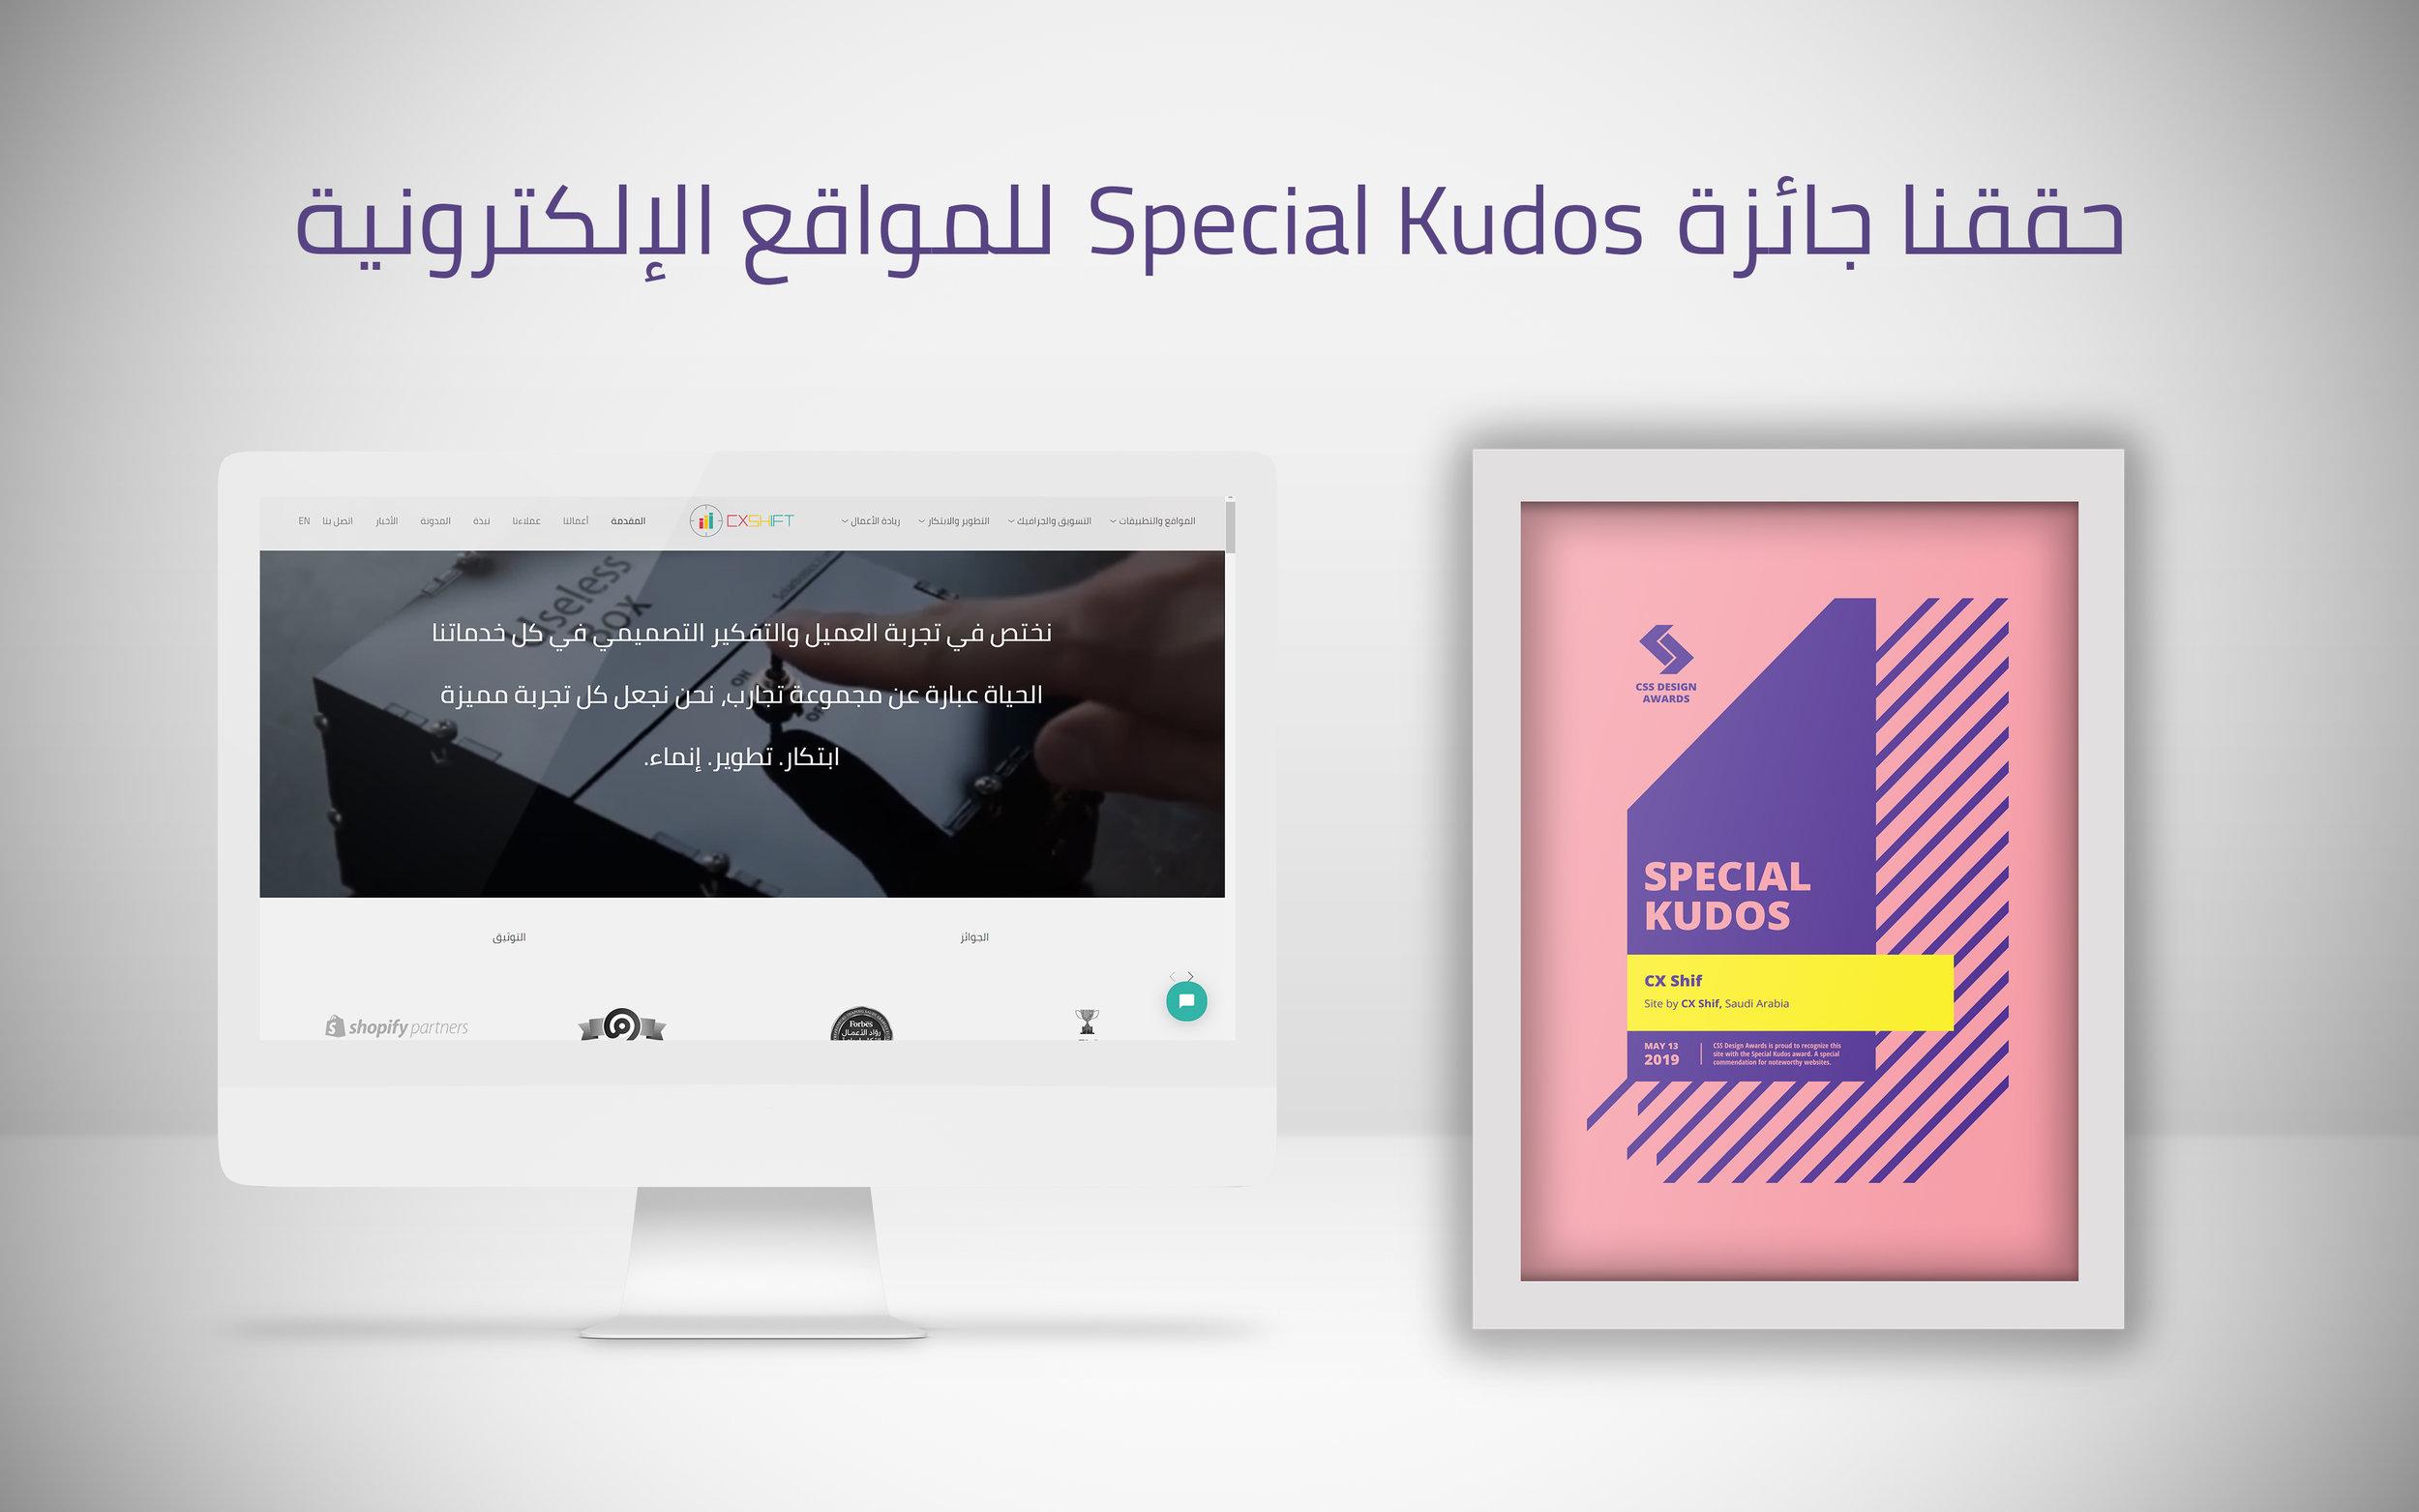 حققنا جائزة Special Kudos في تصميم المواقع الإلكترونية cx shift.jpg